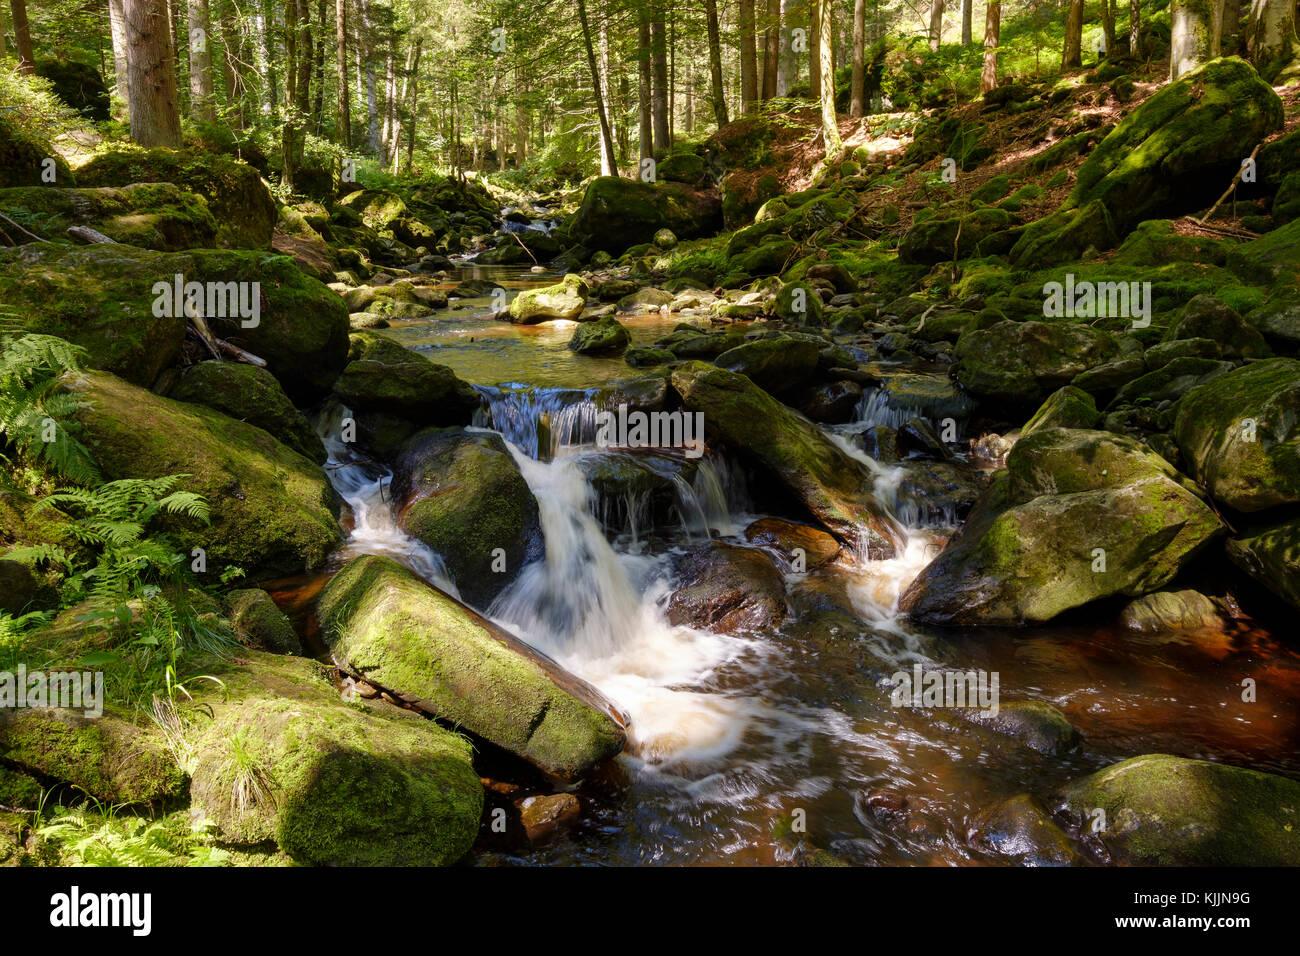 Steinklamm, Große Ohe, Spiegelau, Bayerischer Wald, Niederbayern, Bayern, Deutschland Stock Photo